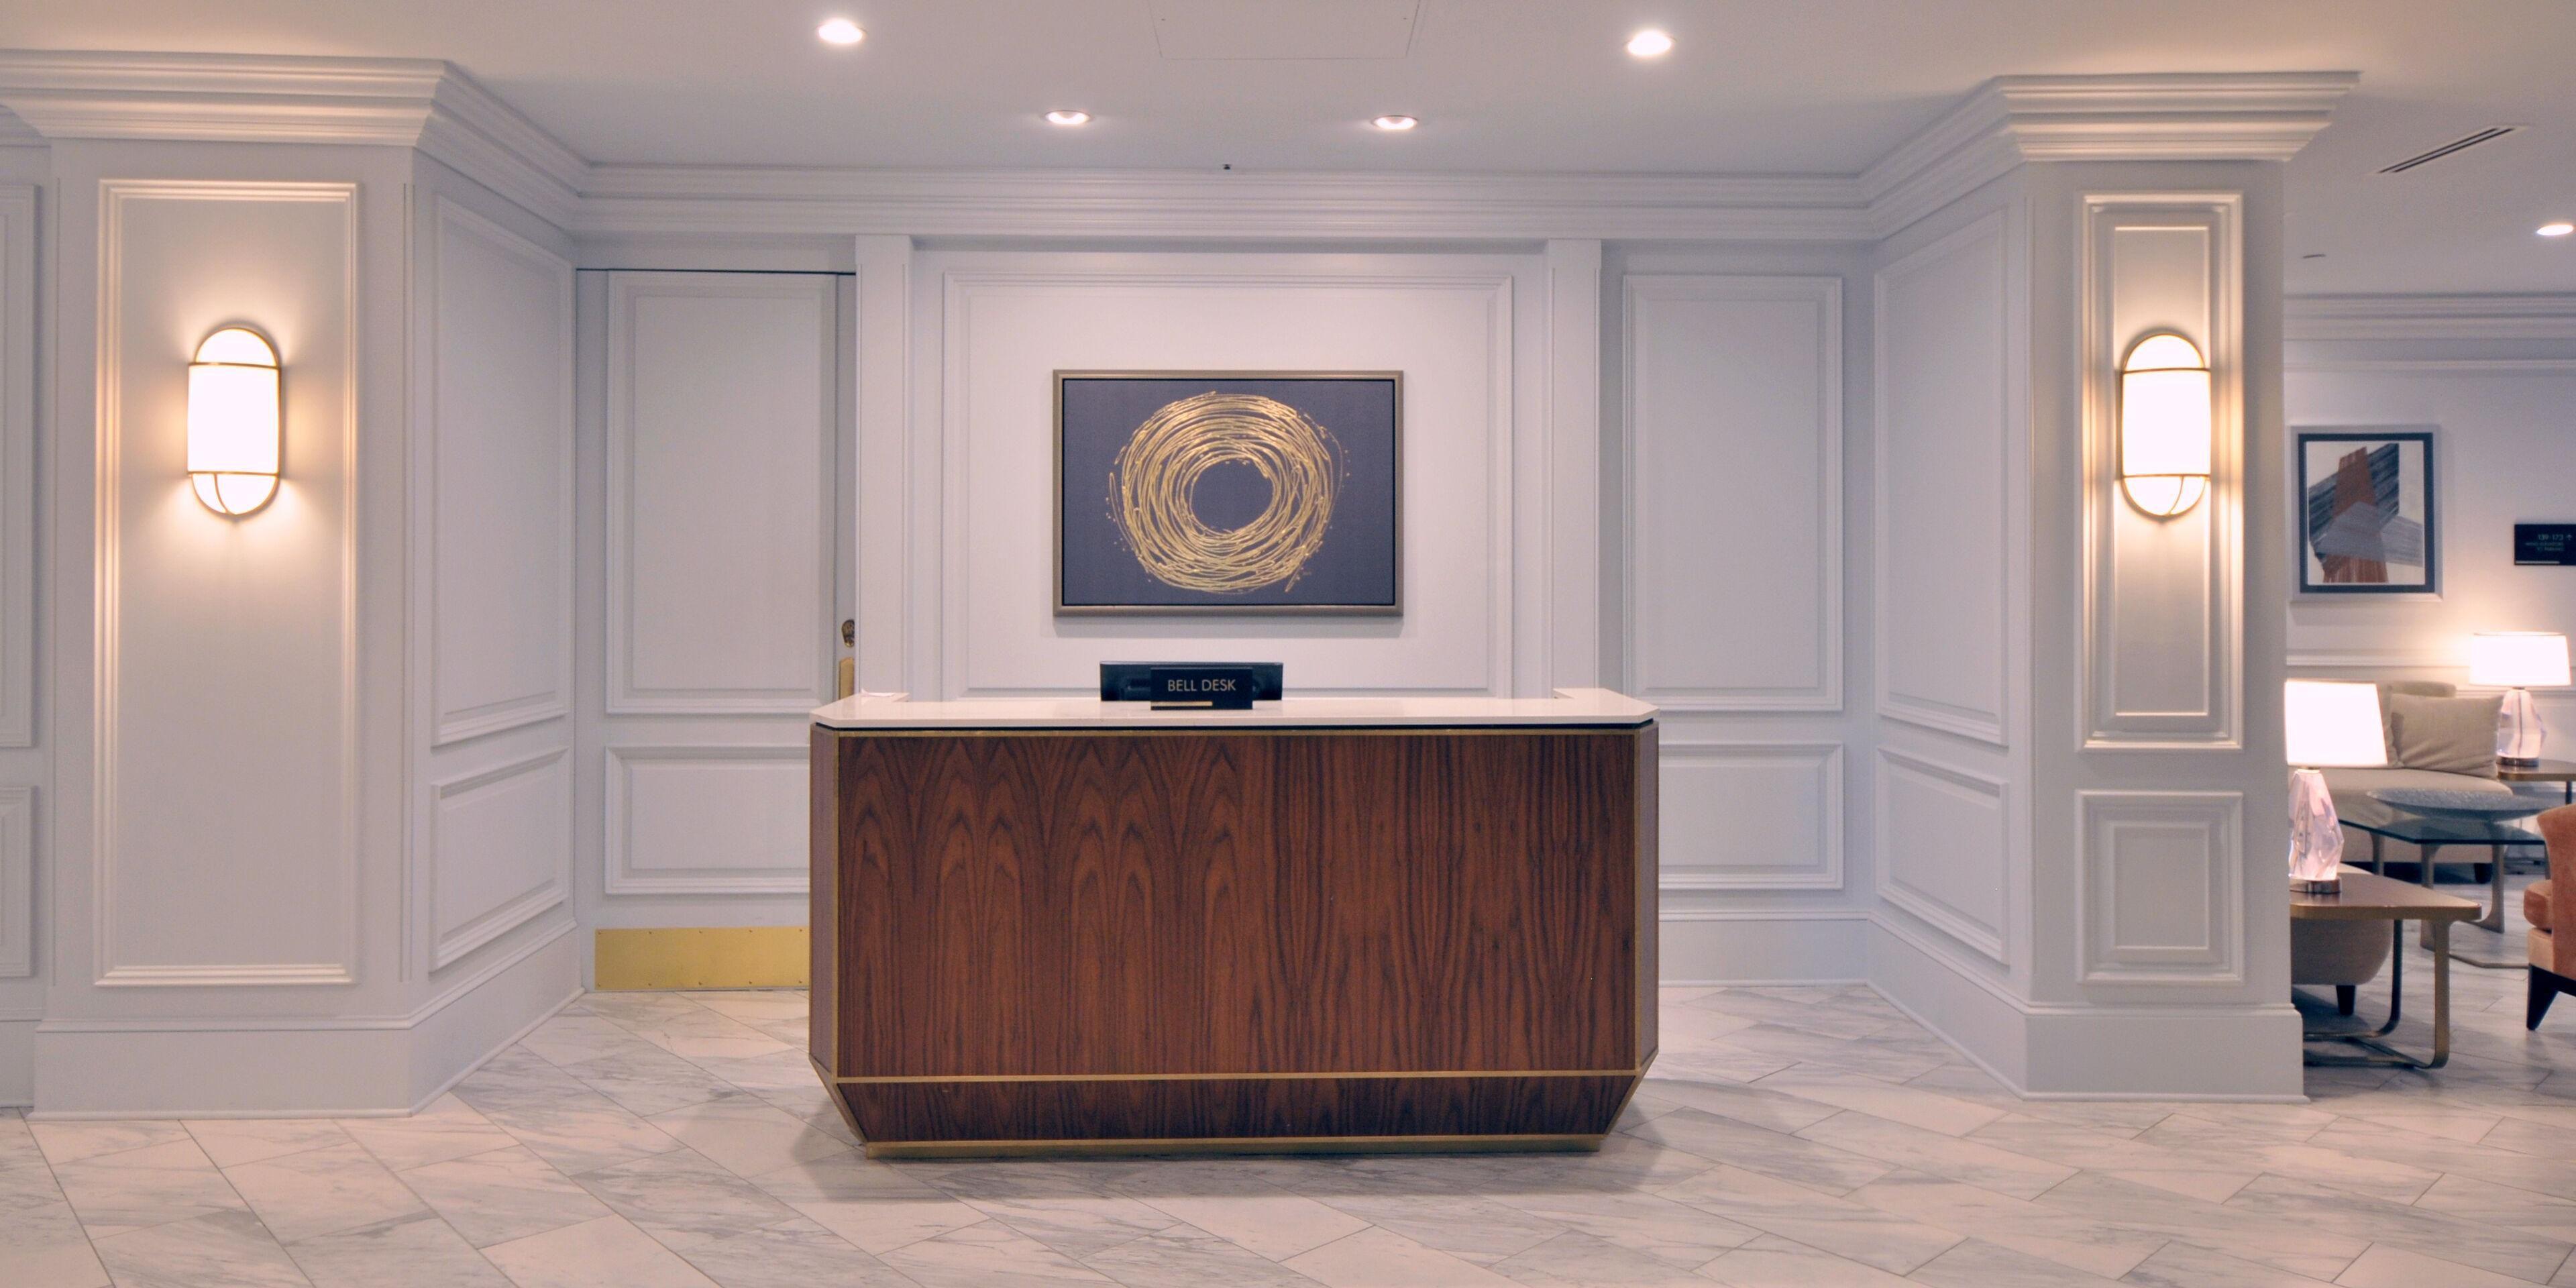 Concierge; Concierge Desk; Bell Stand ...